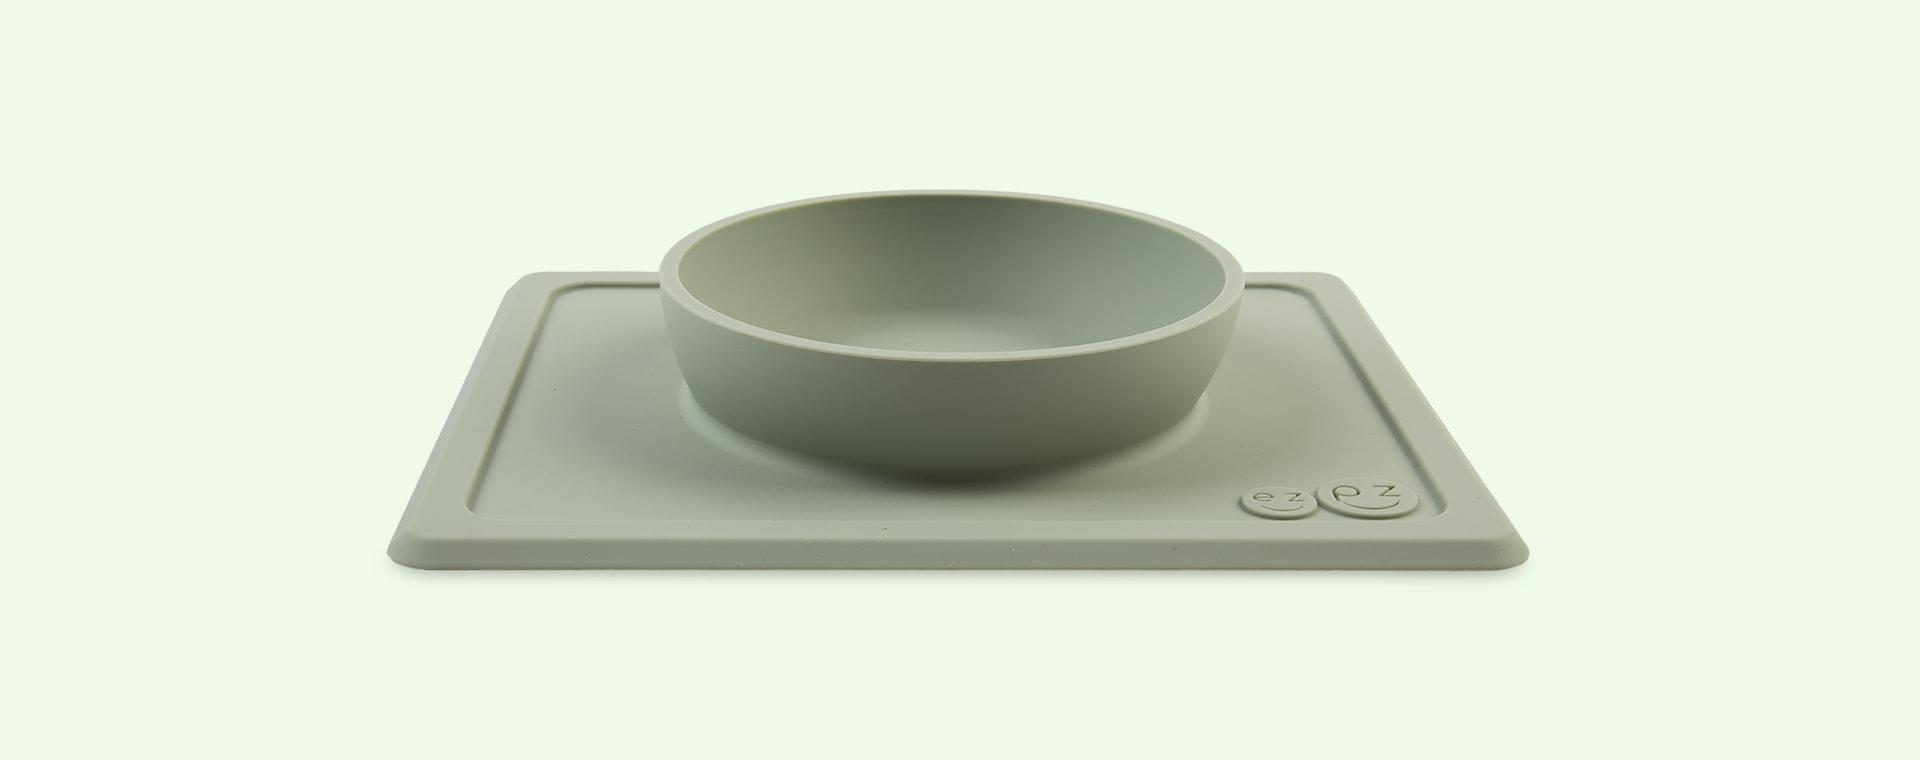 Sage EZPZ Mini Bowl